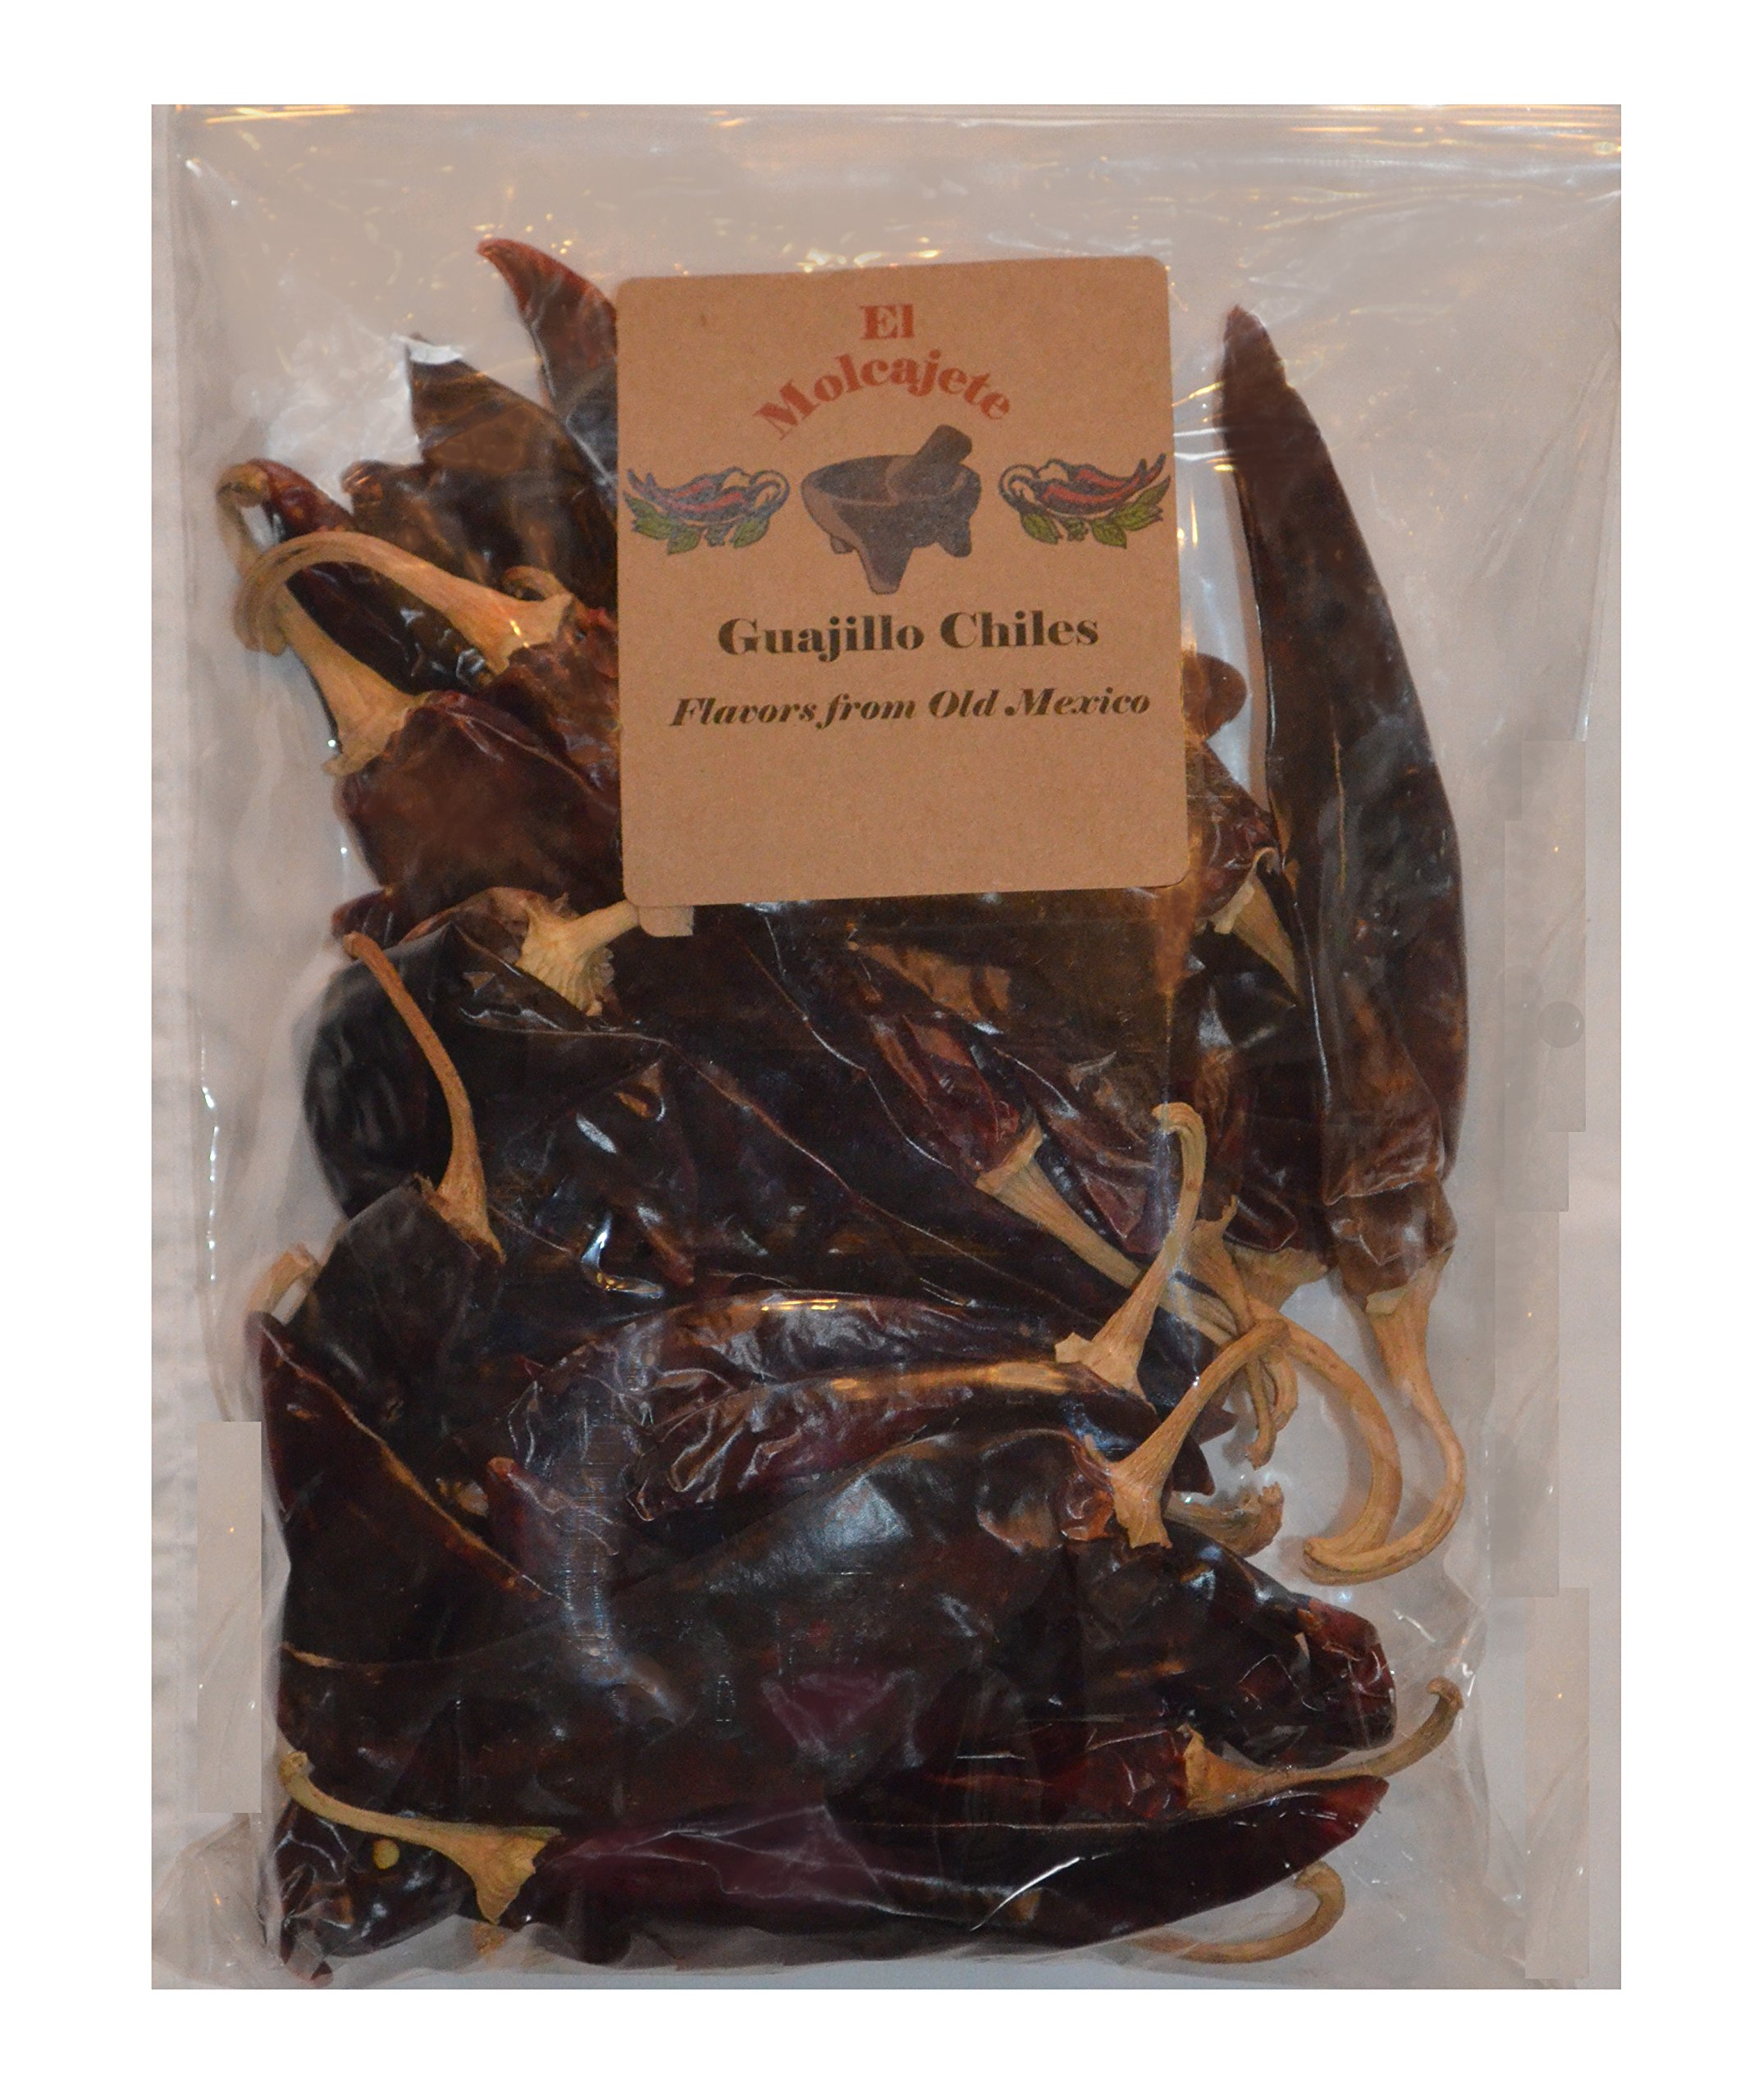 Guajillo Mexican Whole Dried Chile- 8oz Resealable Bag - El Molcajete Brand